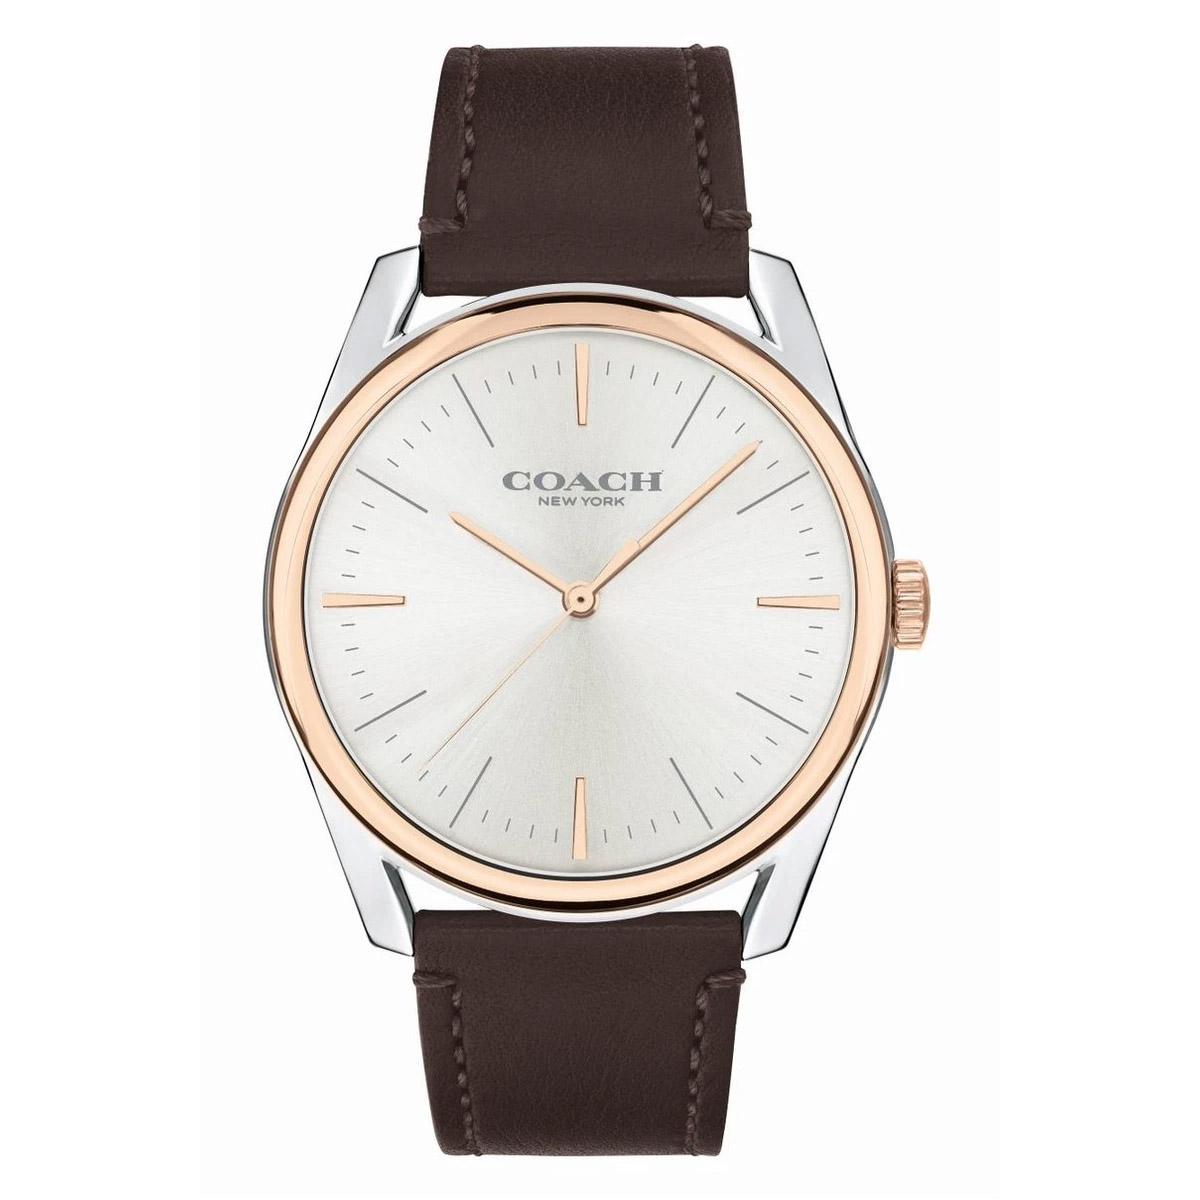 感謝価格 コーチ 海外正規品 送料無料 あす楽 時計 メンズ 腕時計 レザー ショップ プレストン プレゼント ブラウン 安い 14602482 ブランド